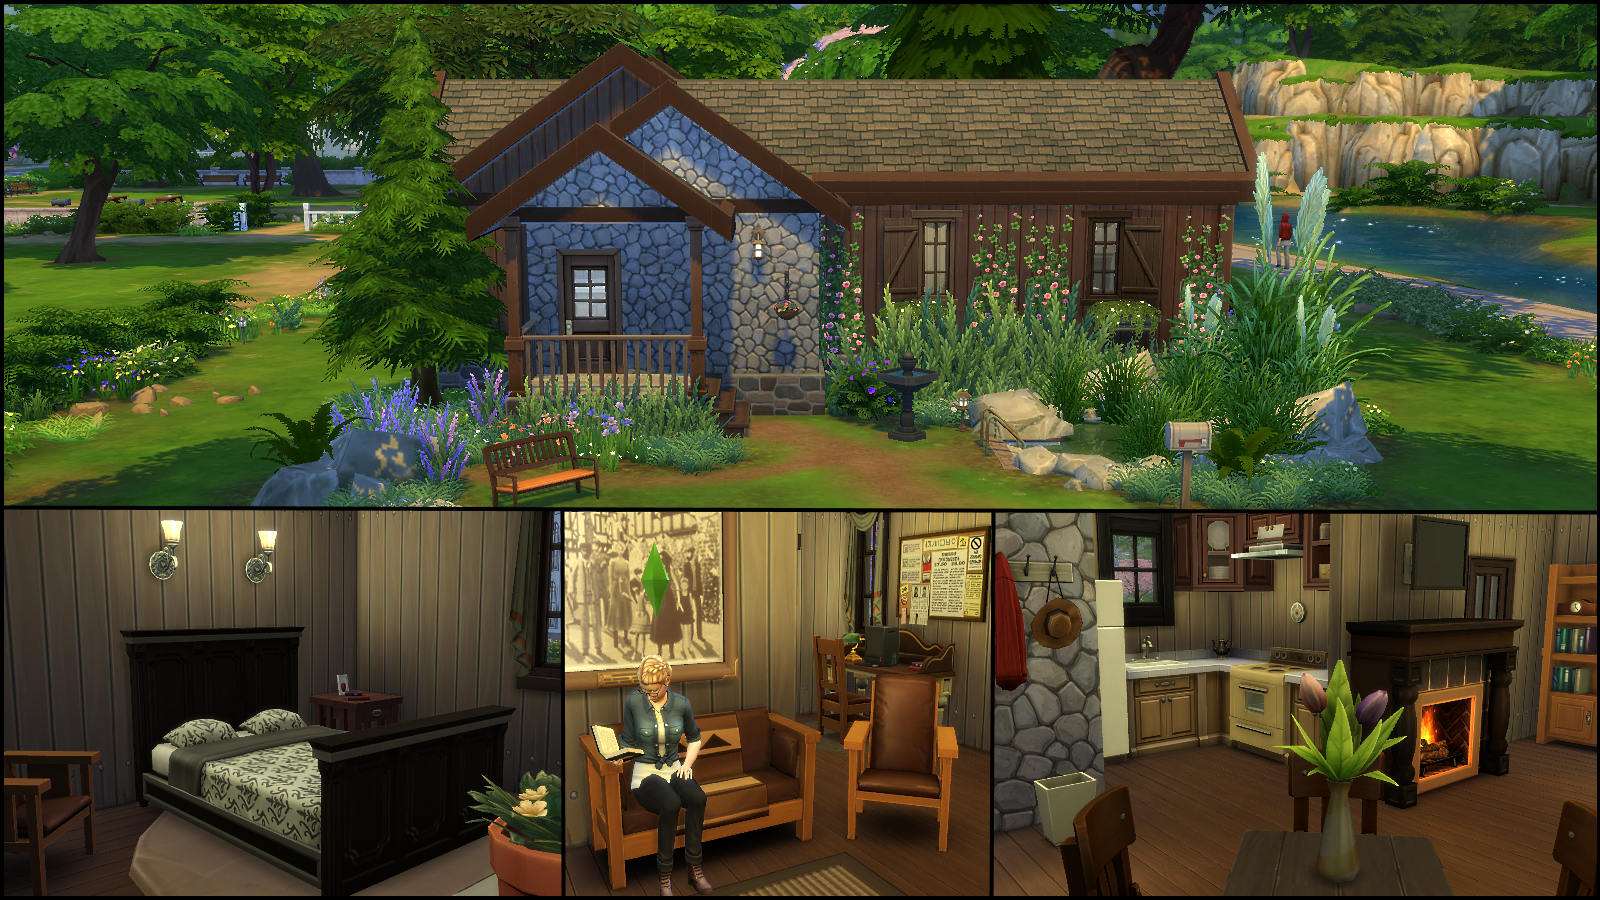 Cabin In The Woods Floor Plans